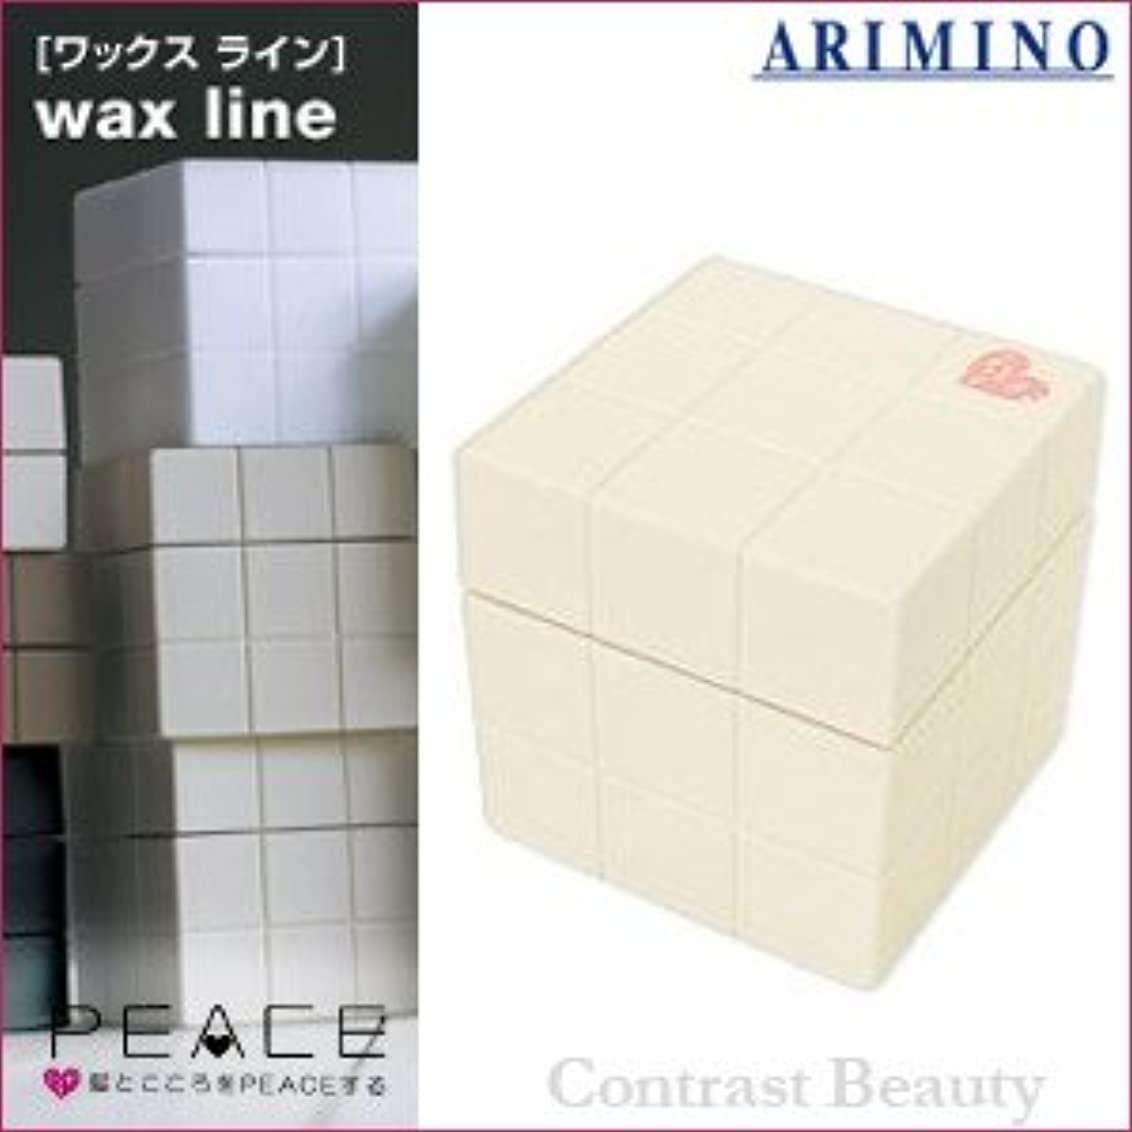 長いですホース効果【x2個セット】 アリミノ ピース プロデザインシリーズ ニュアンスワックス バニラ 80g